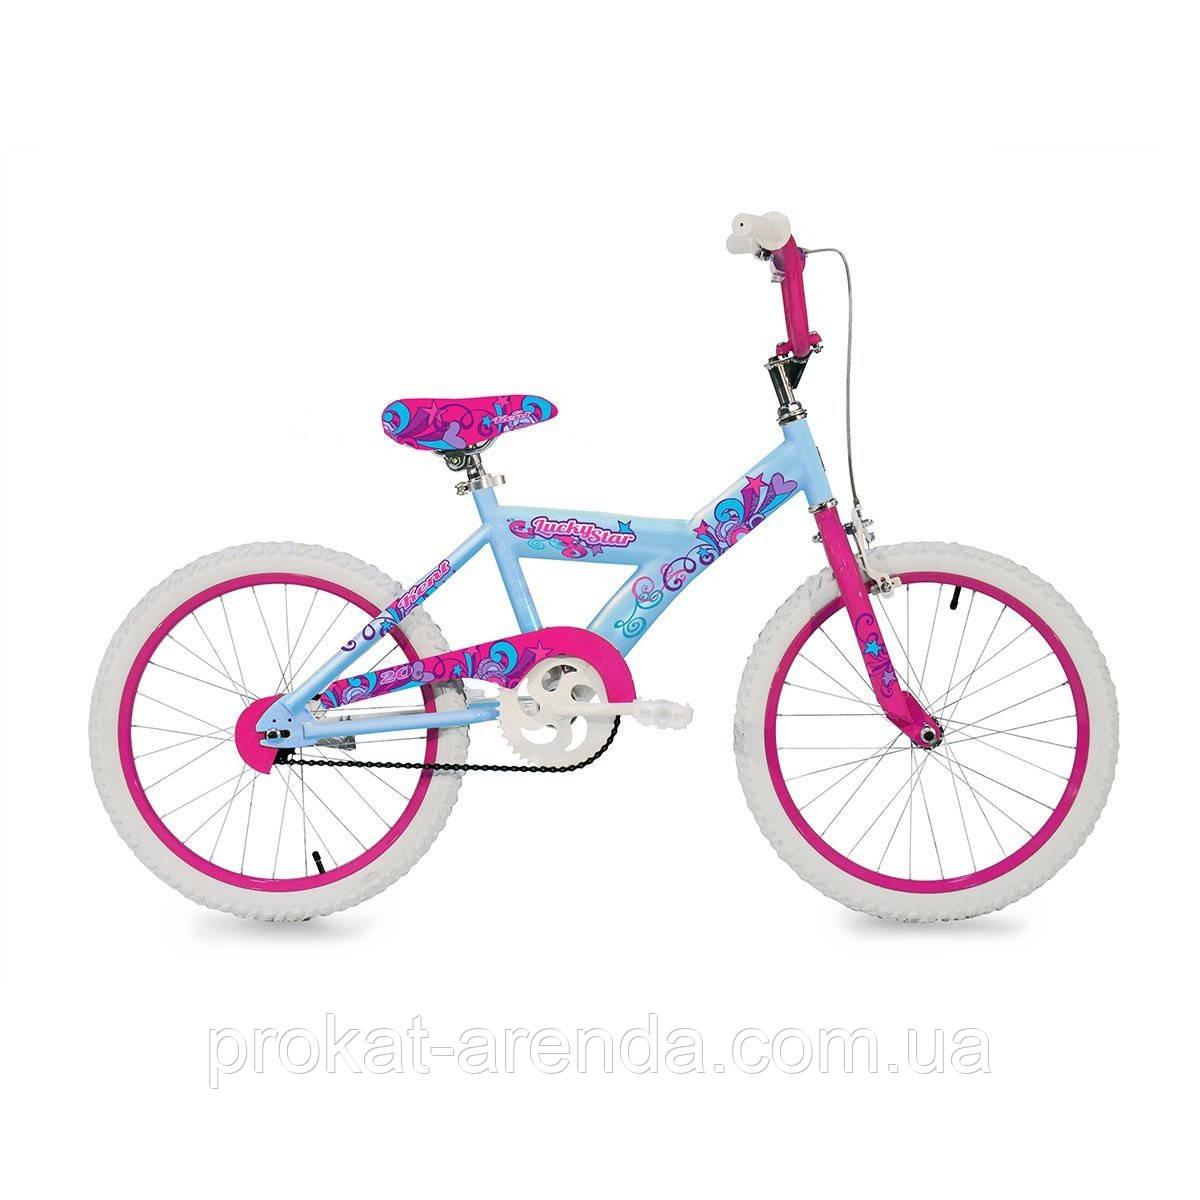 """Детский двухколесный велосипед """"Splint"""" 20 дюймов"""